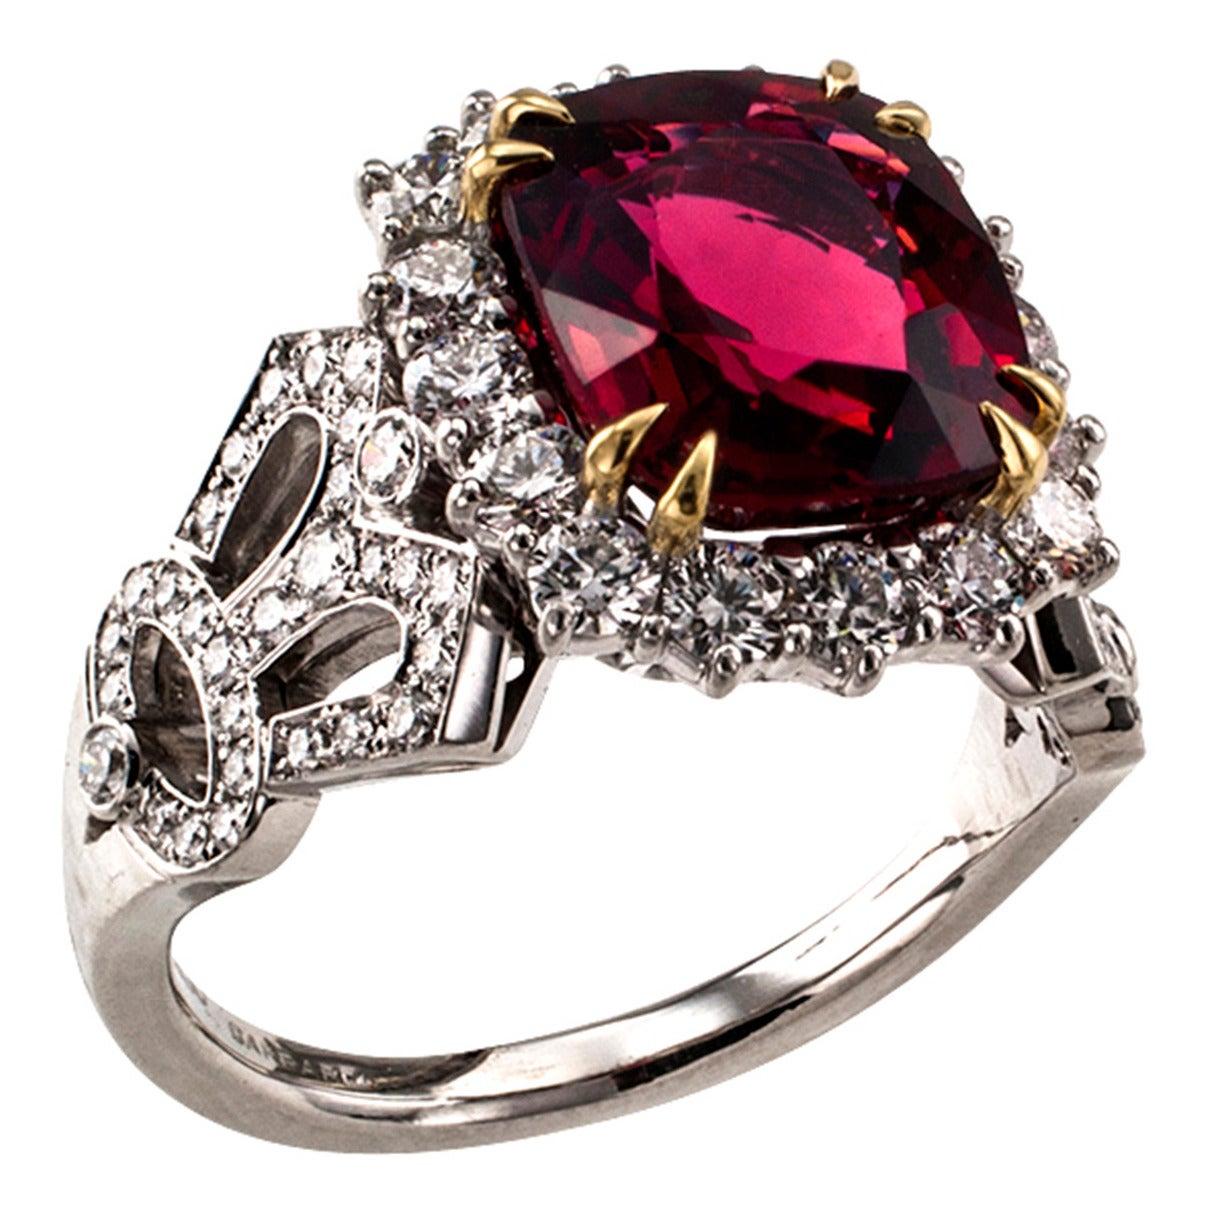 Garrard  Ring Price